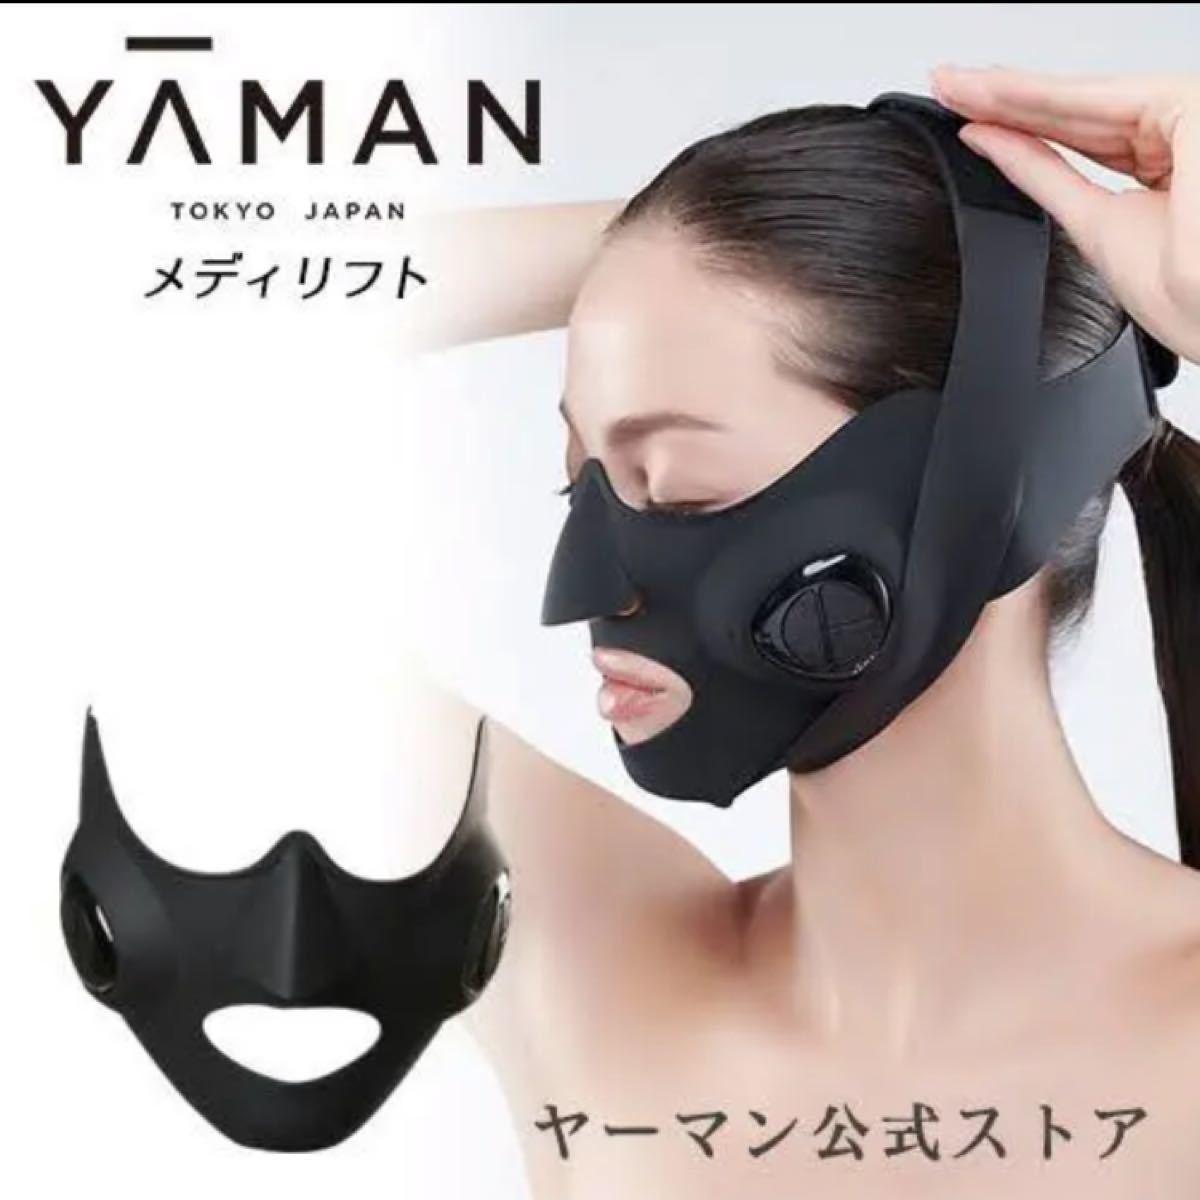 【新品未使用】ヤーマンメディリフト YA-MAN